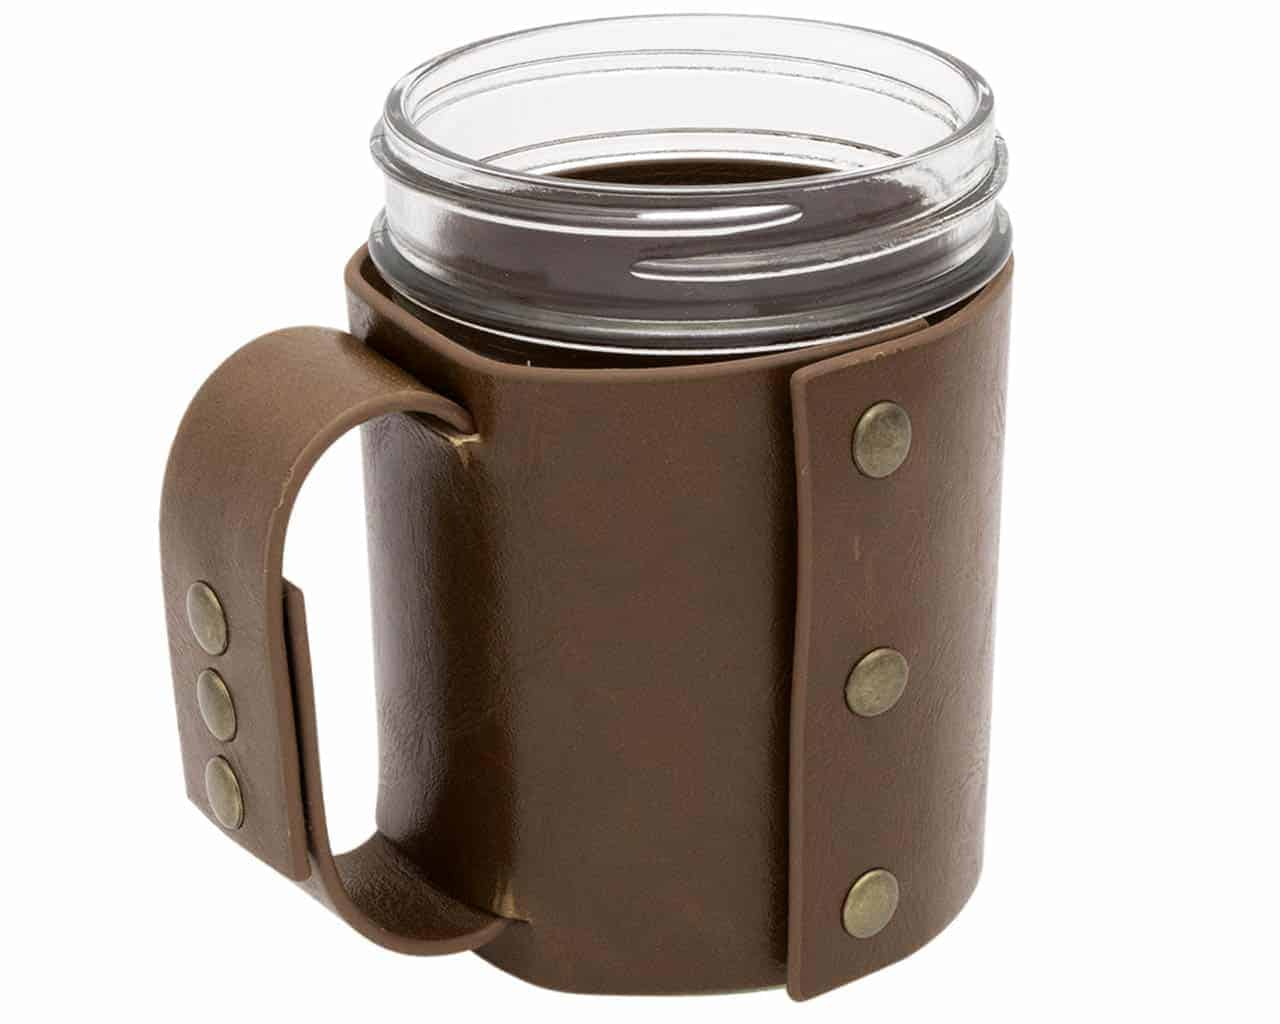 mason-jar-lifestyle-faux-leather-holder-travel-mug-handle-wide-mouth-pint-16oz-ball-mason-jar-back